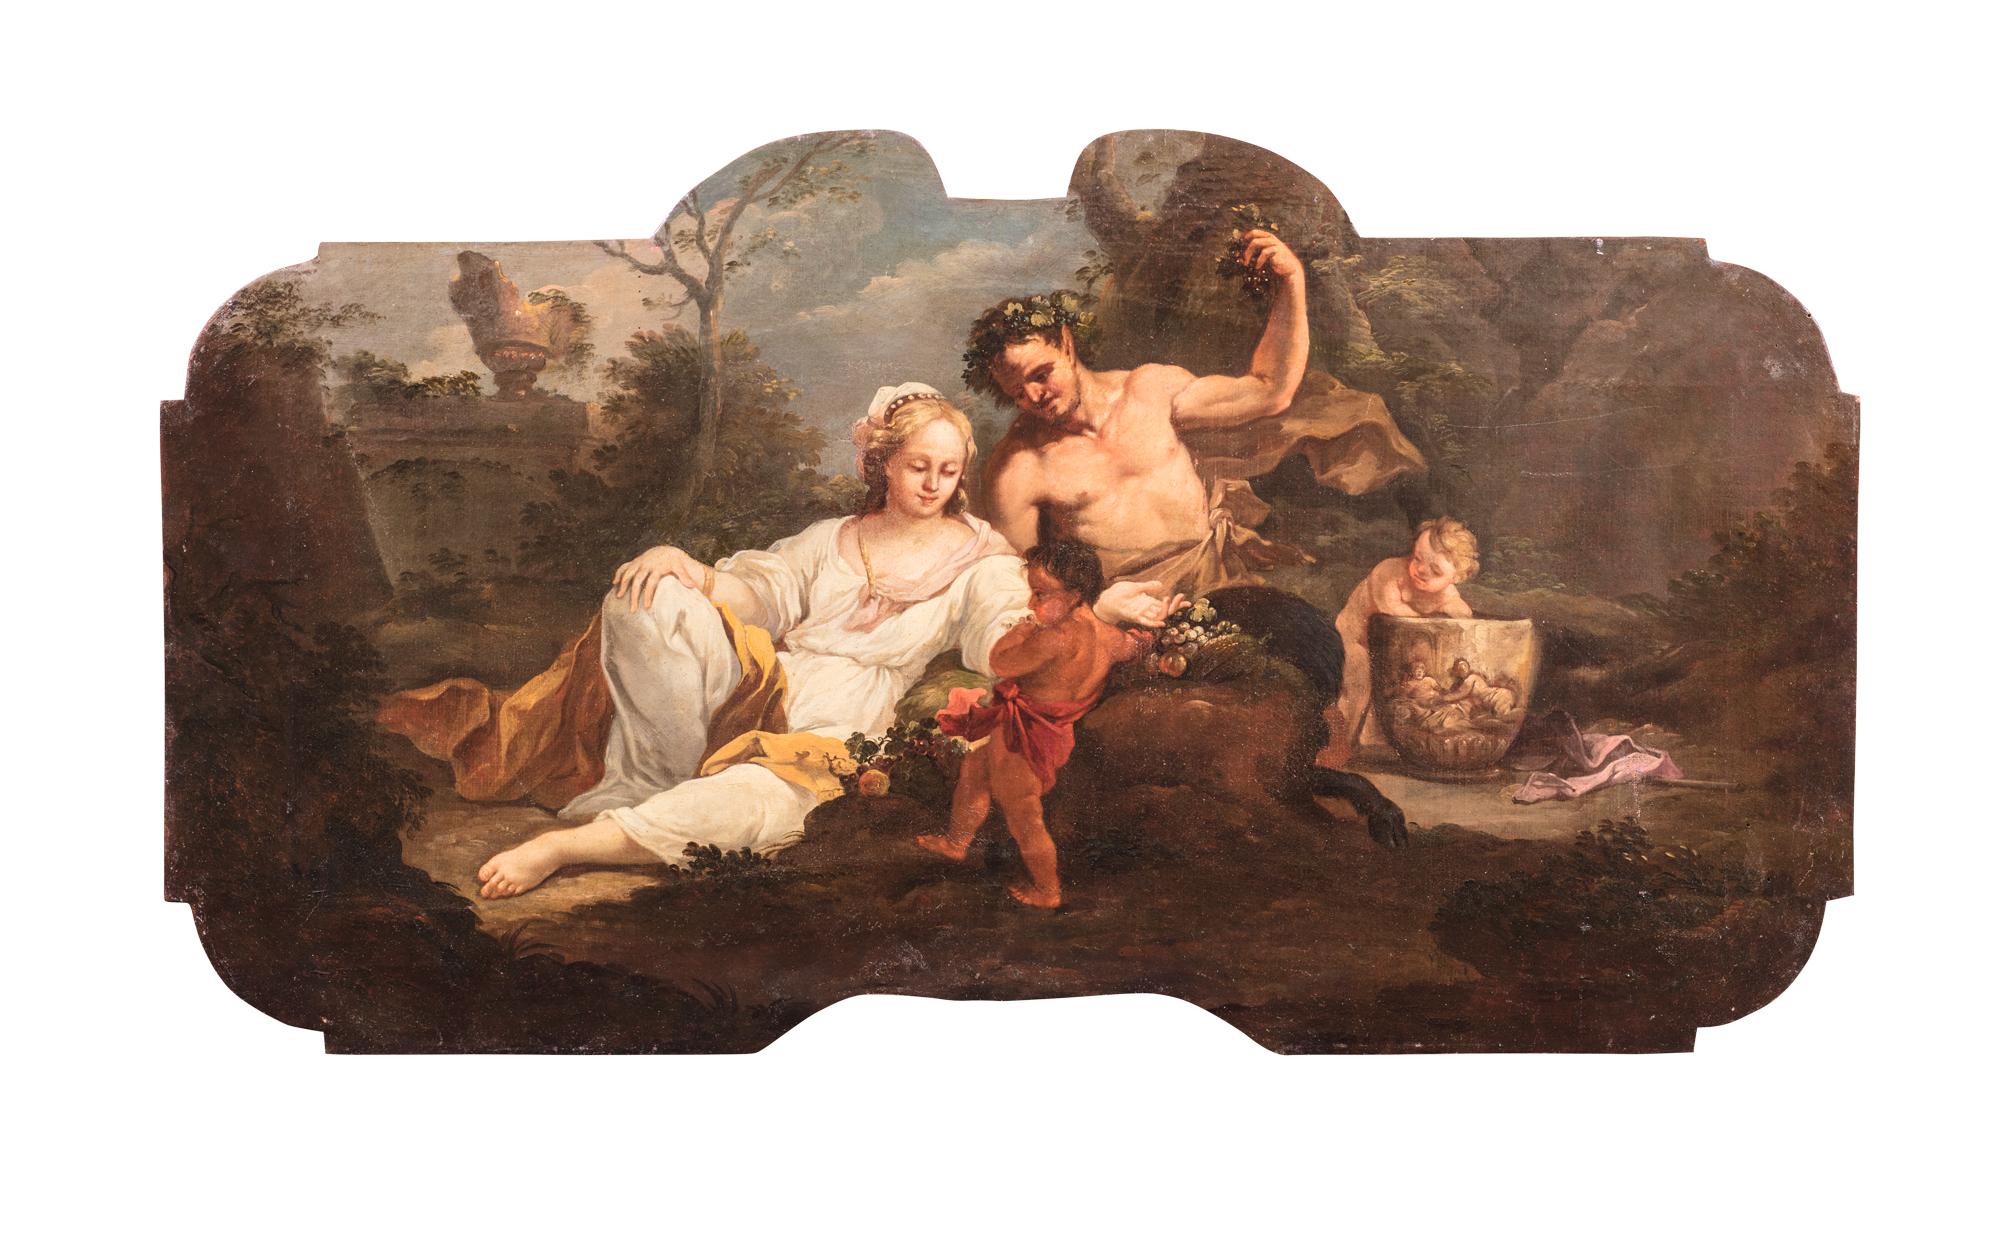 Scena bacchica con ninfa, centauro e putti